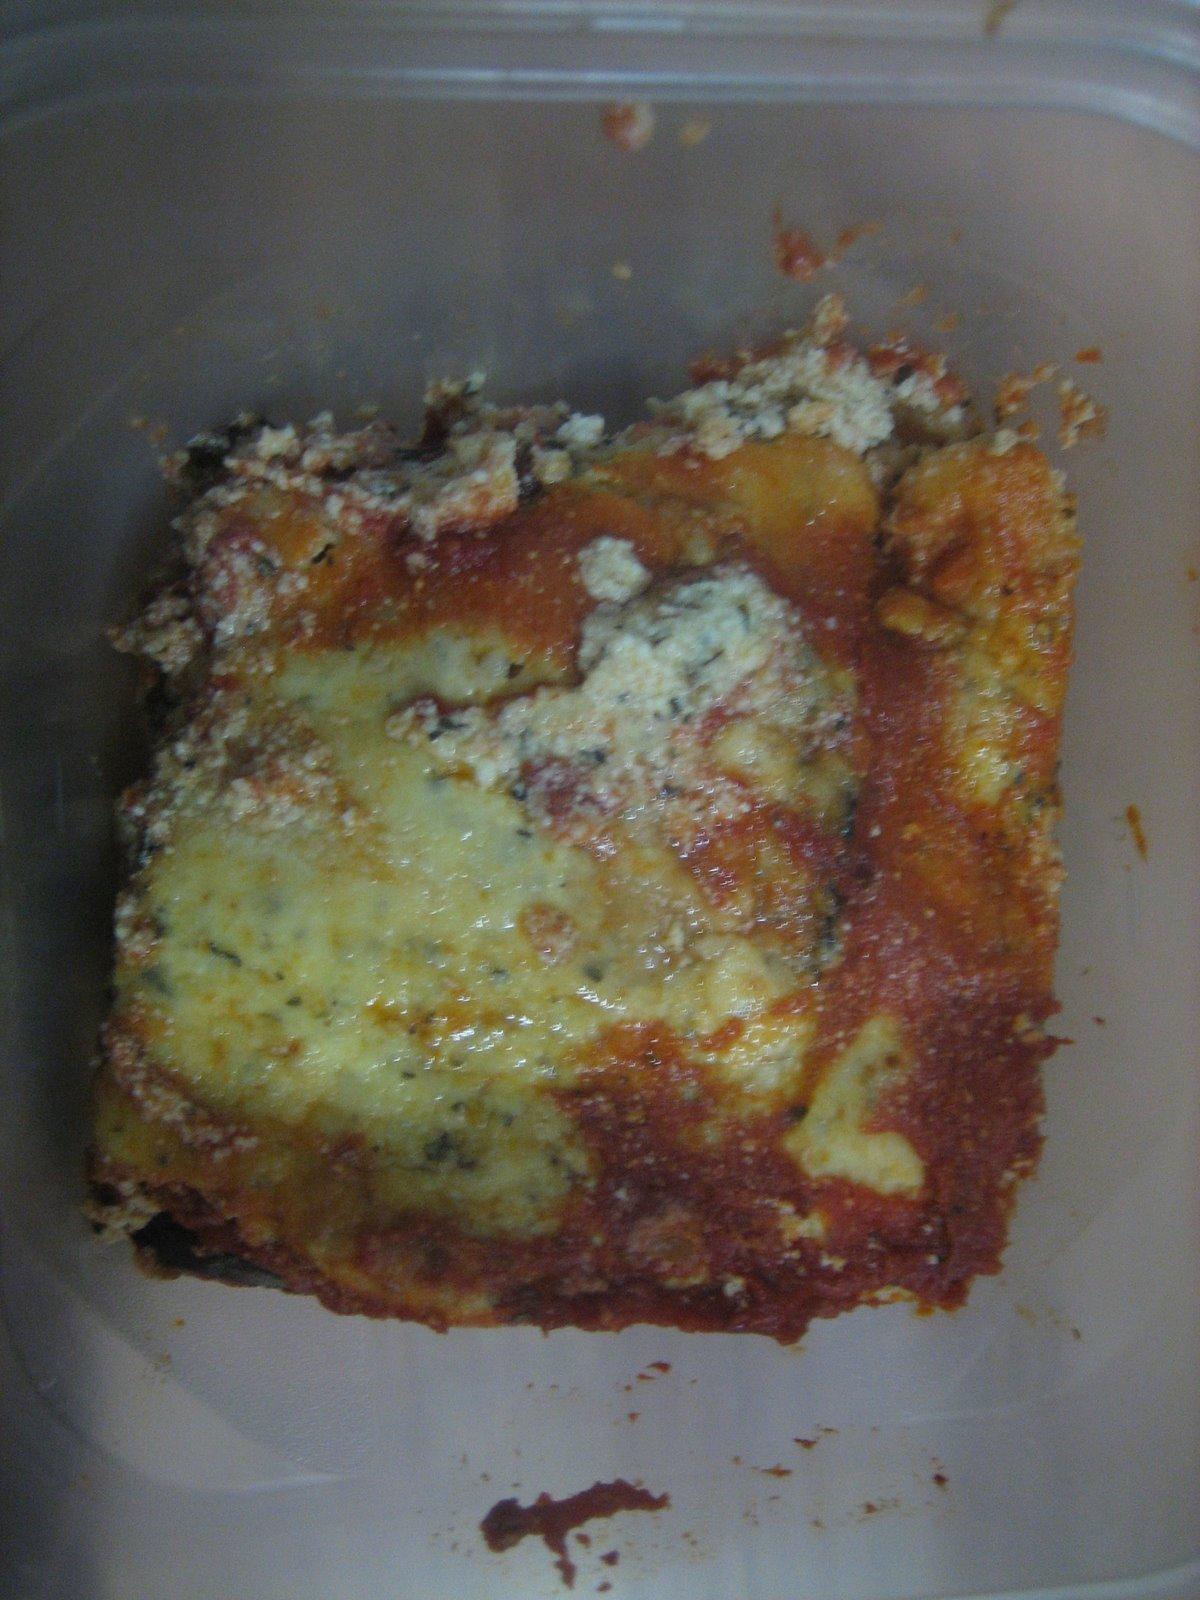 Eggplant Ricotta Bake | dolce vita verde